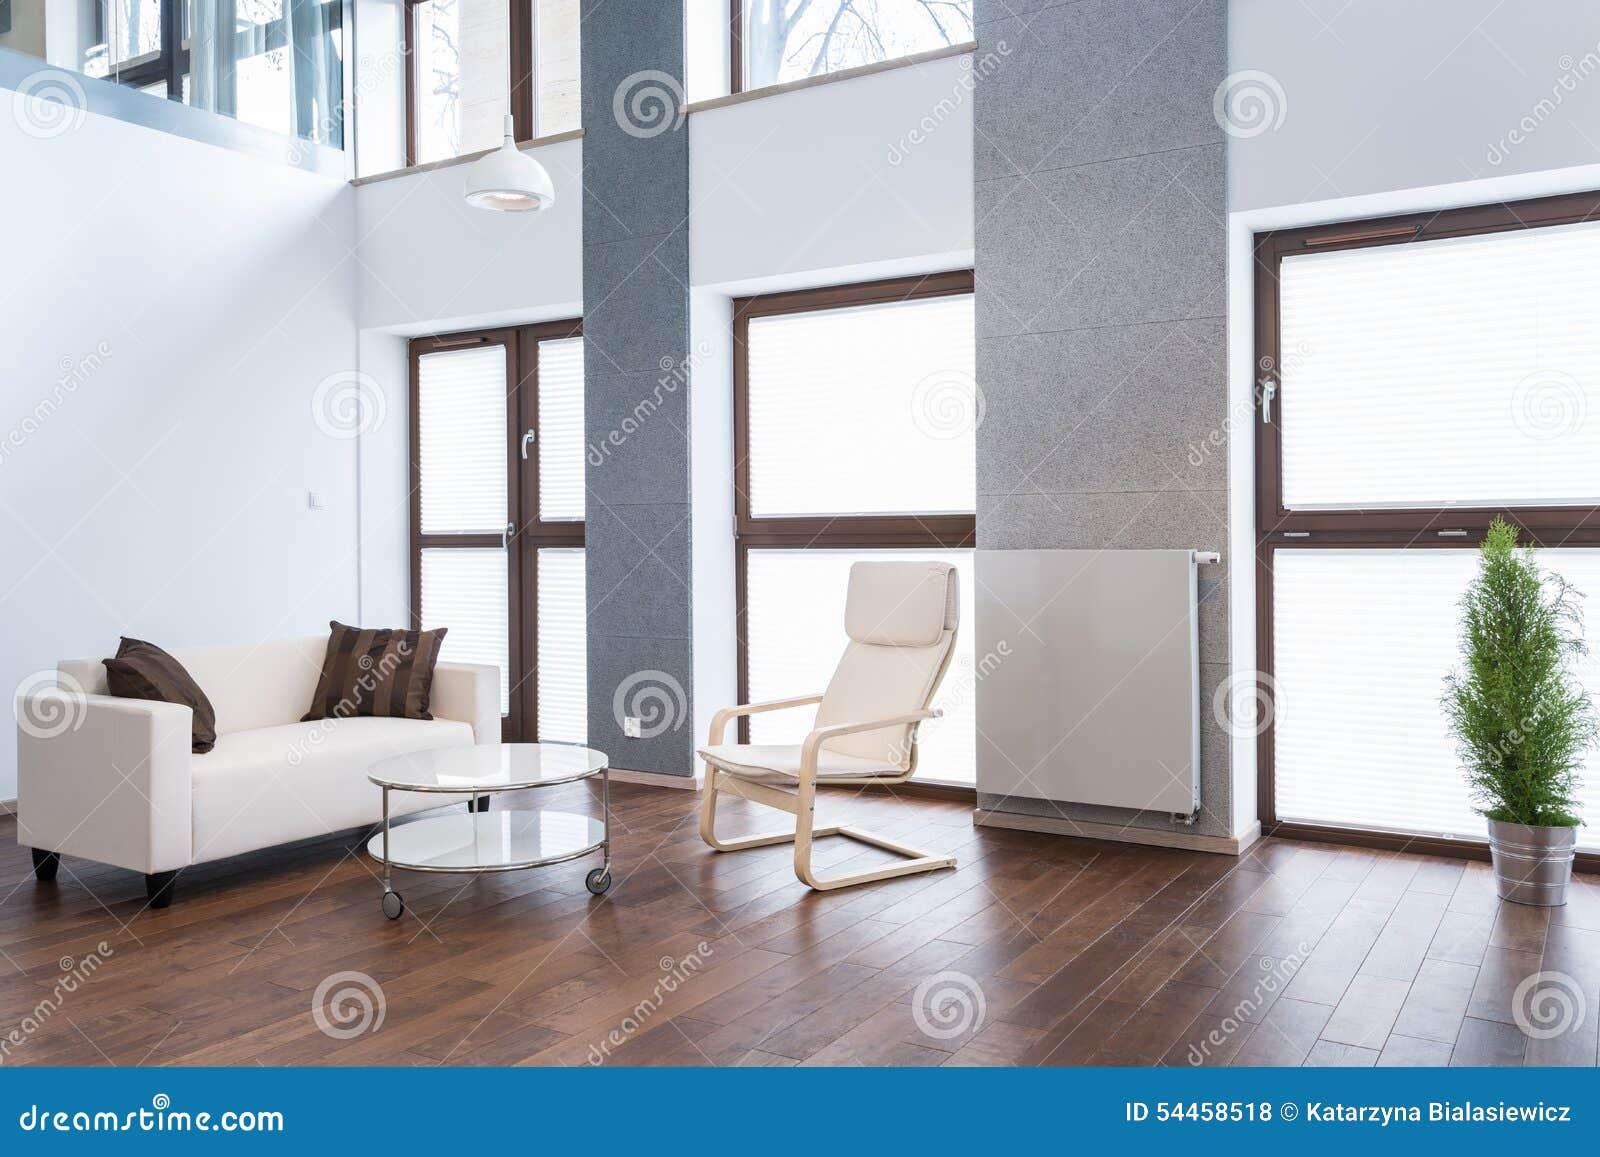 Rymlig Vardagsrum Med Den Vita Soffan Arkivfoto - Bild: 54458518